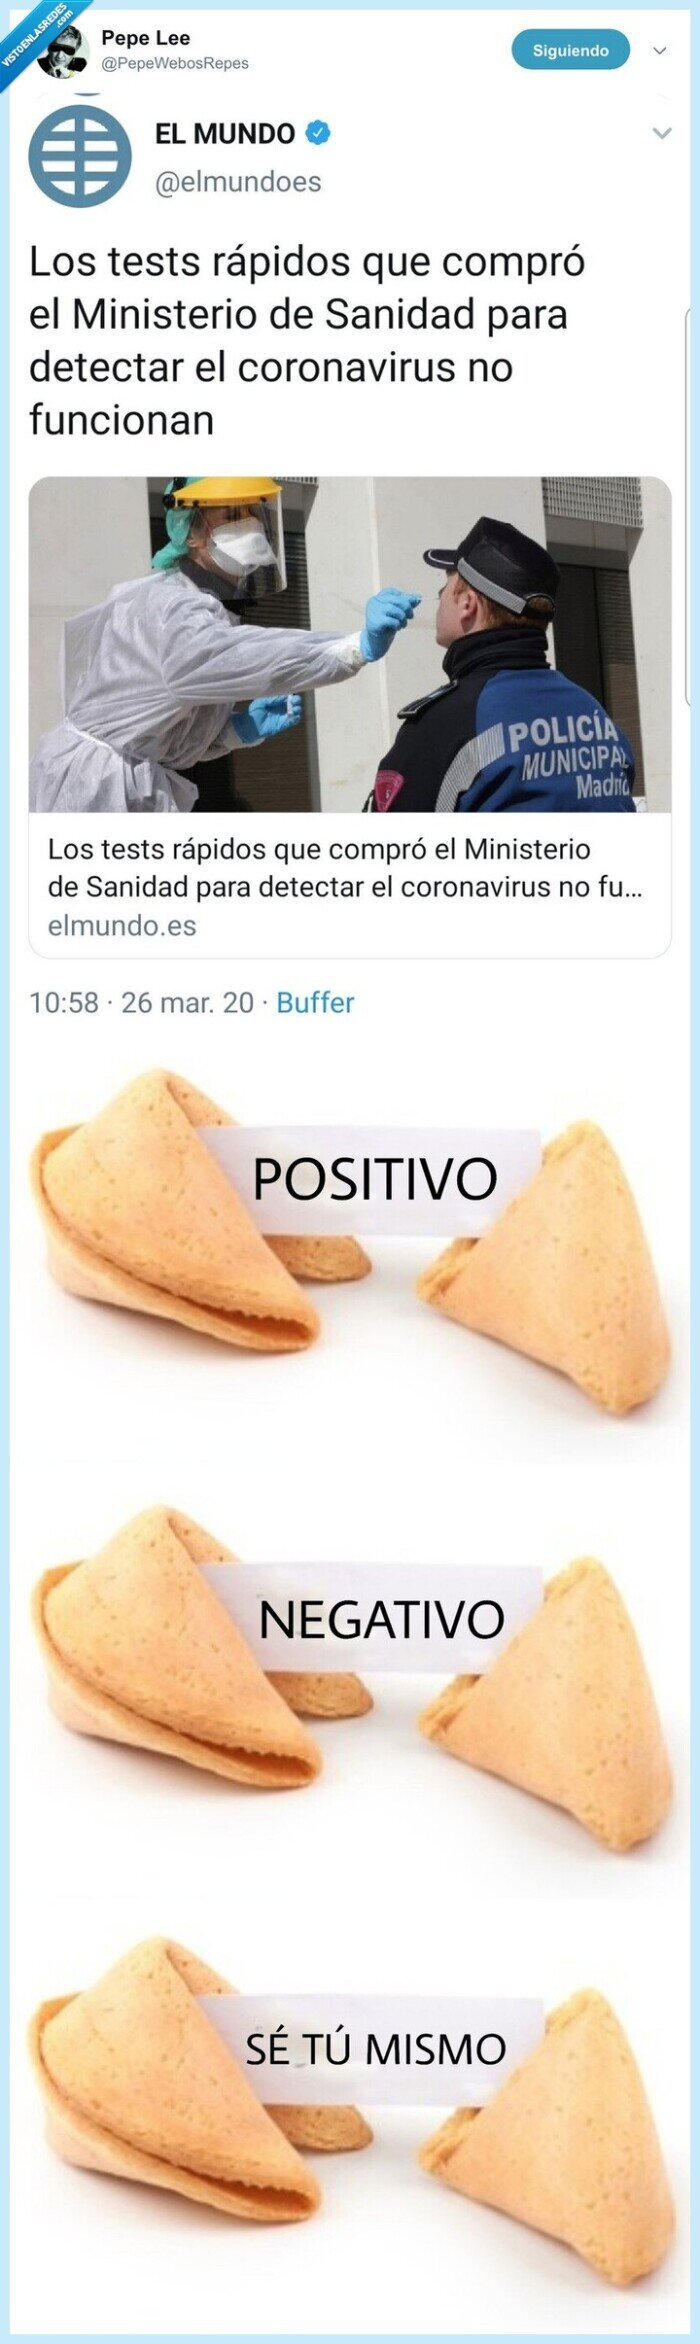 coronavirus,galletas de la suerte,gobiernos,tests